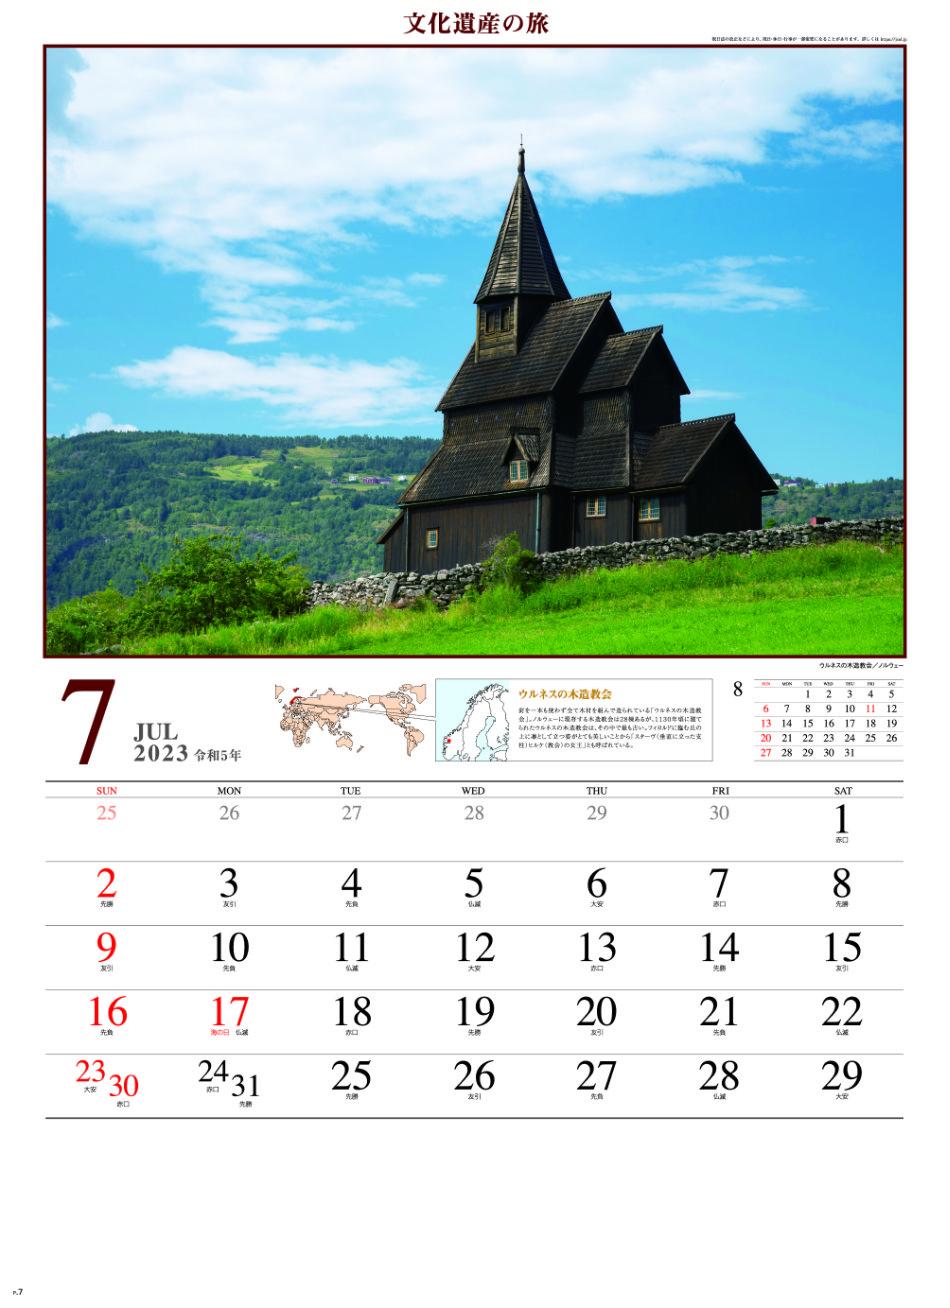 7月 ラージャスターンの丘陵要塞群 インド 文化遺産の旅(ユネスコ世界遺産) 2022年カレンダーの画像